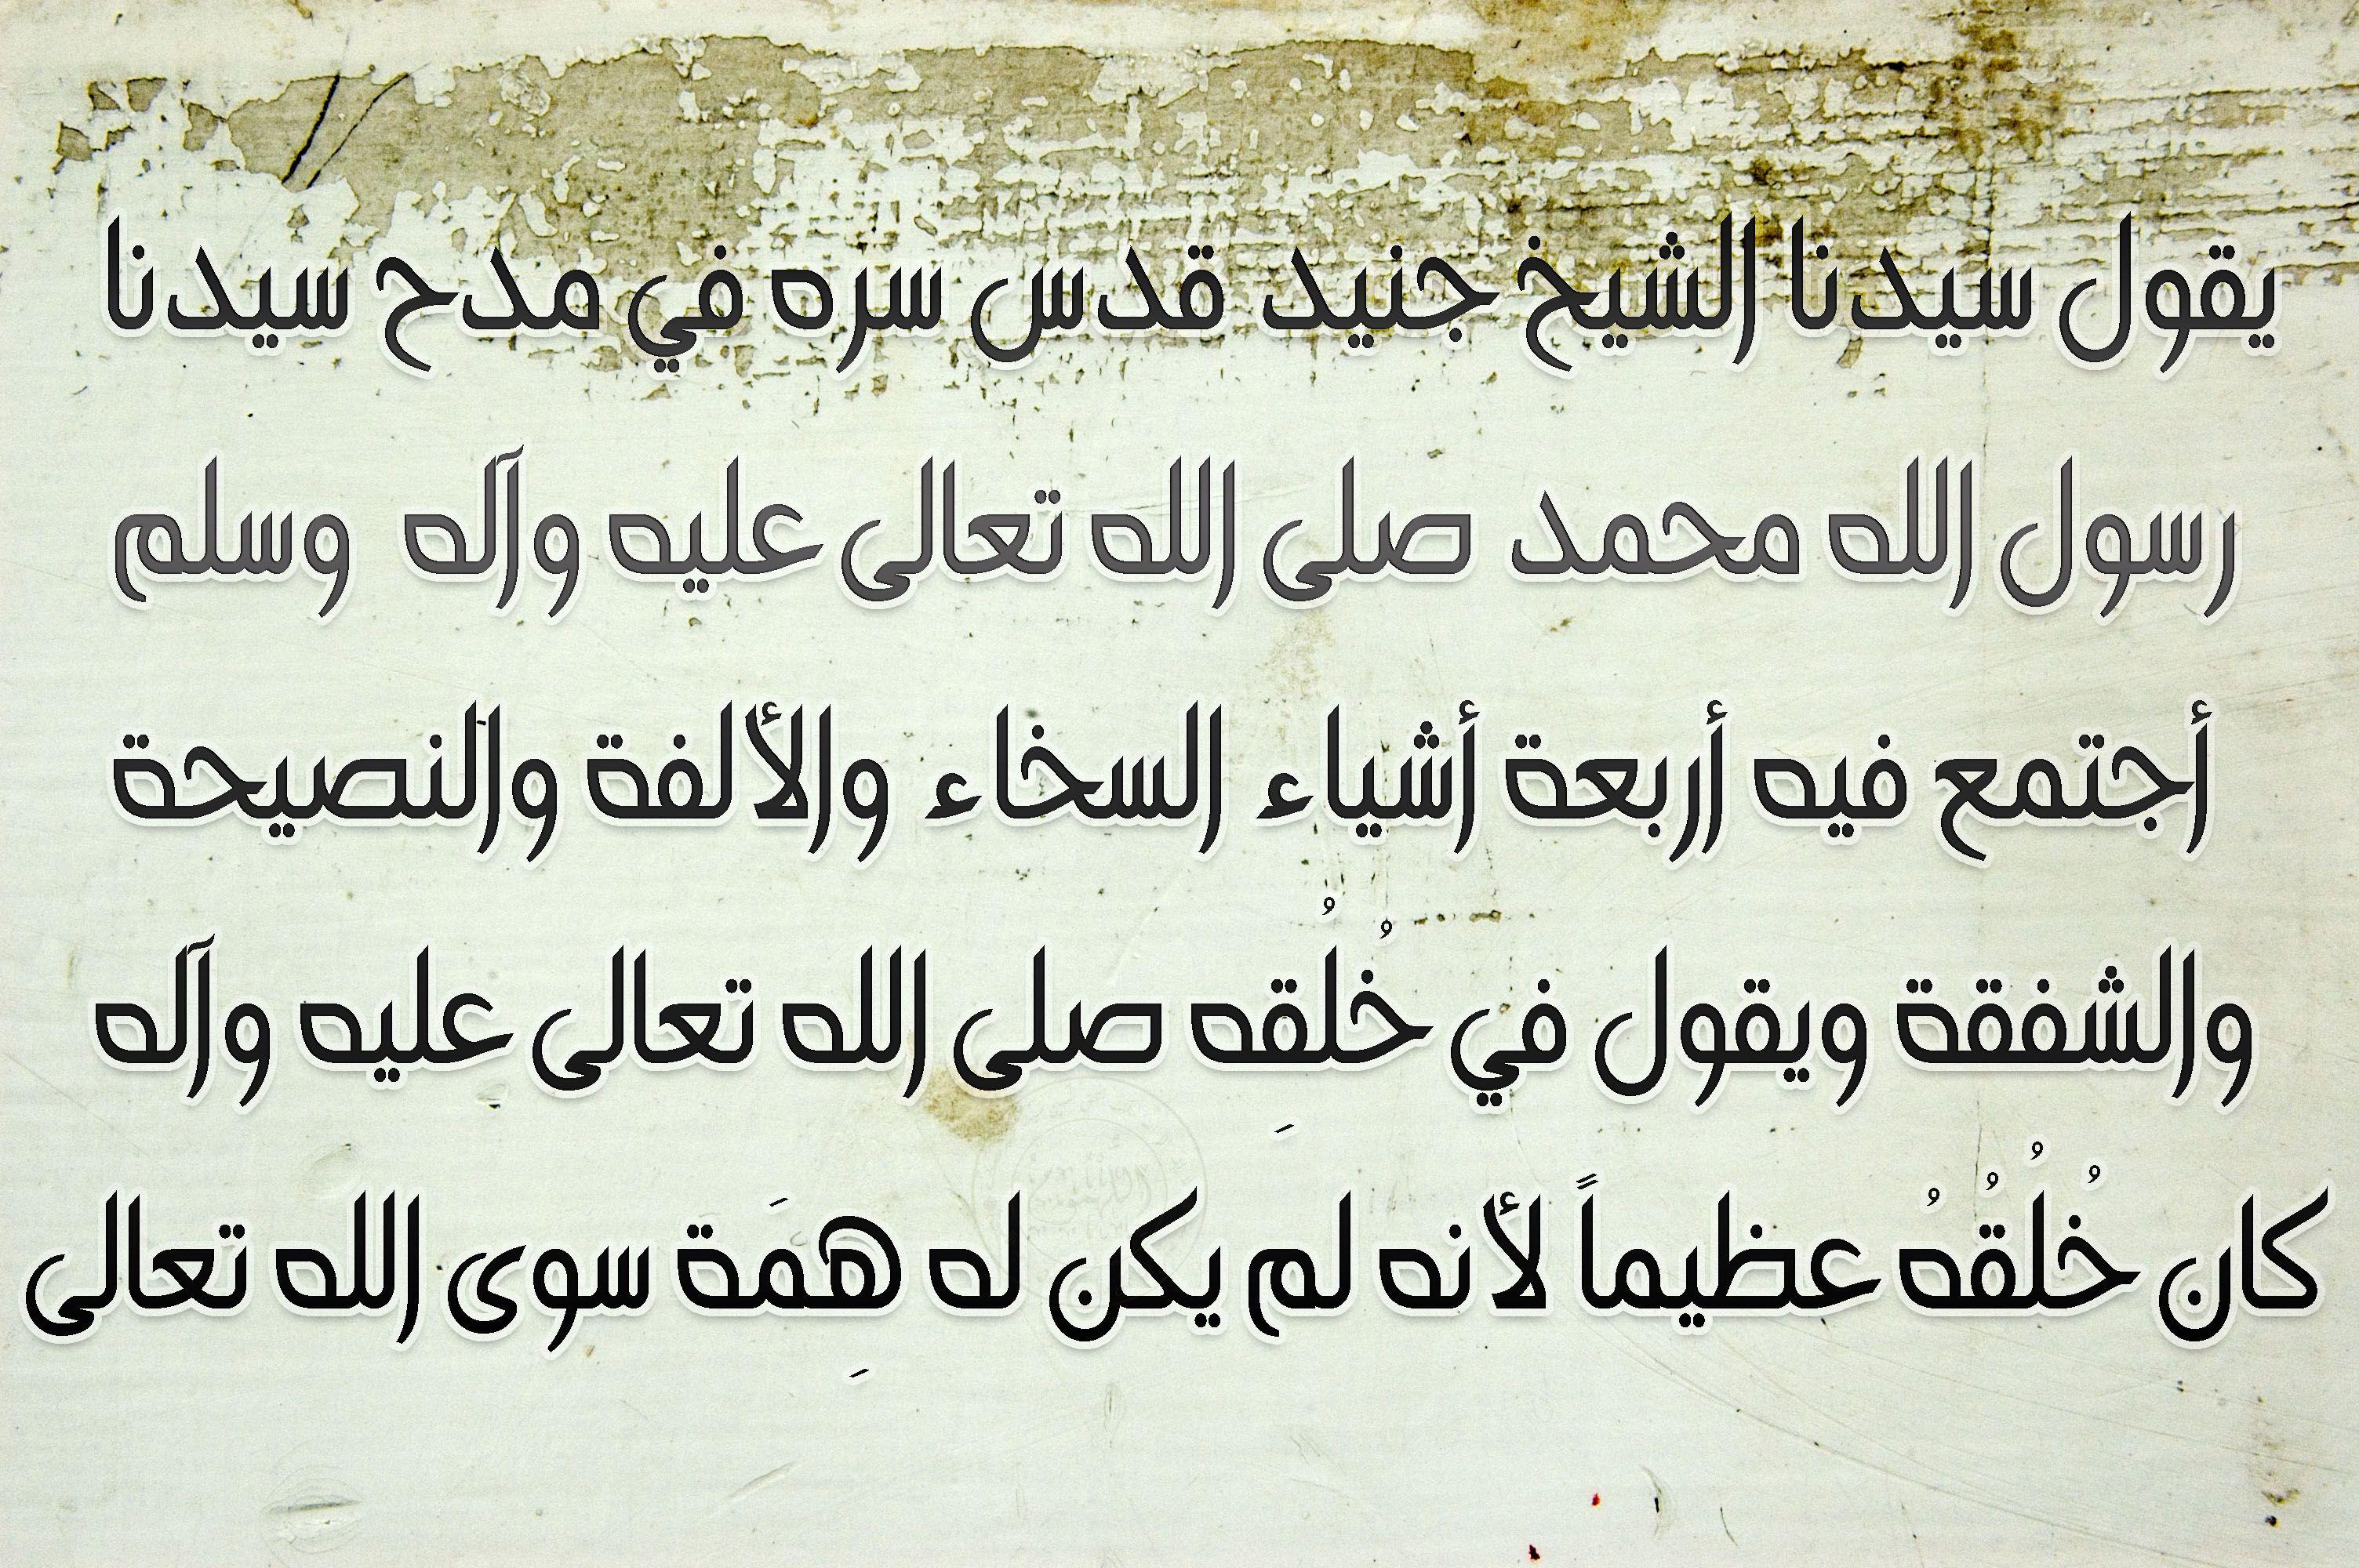 جنيدالبغدادي مدح سيدنا الرسول صلى الله تعالى عليه وآله وسلم تسليما Arabic Calligraphy Calligraphy Tww